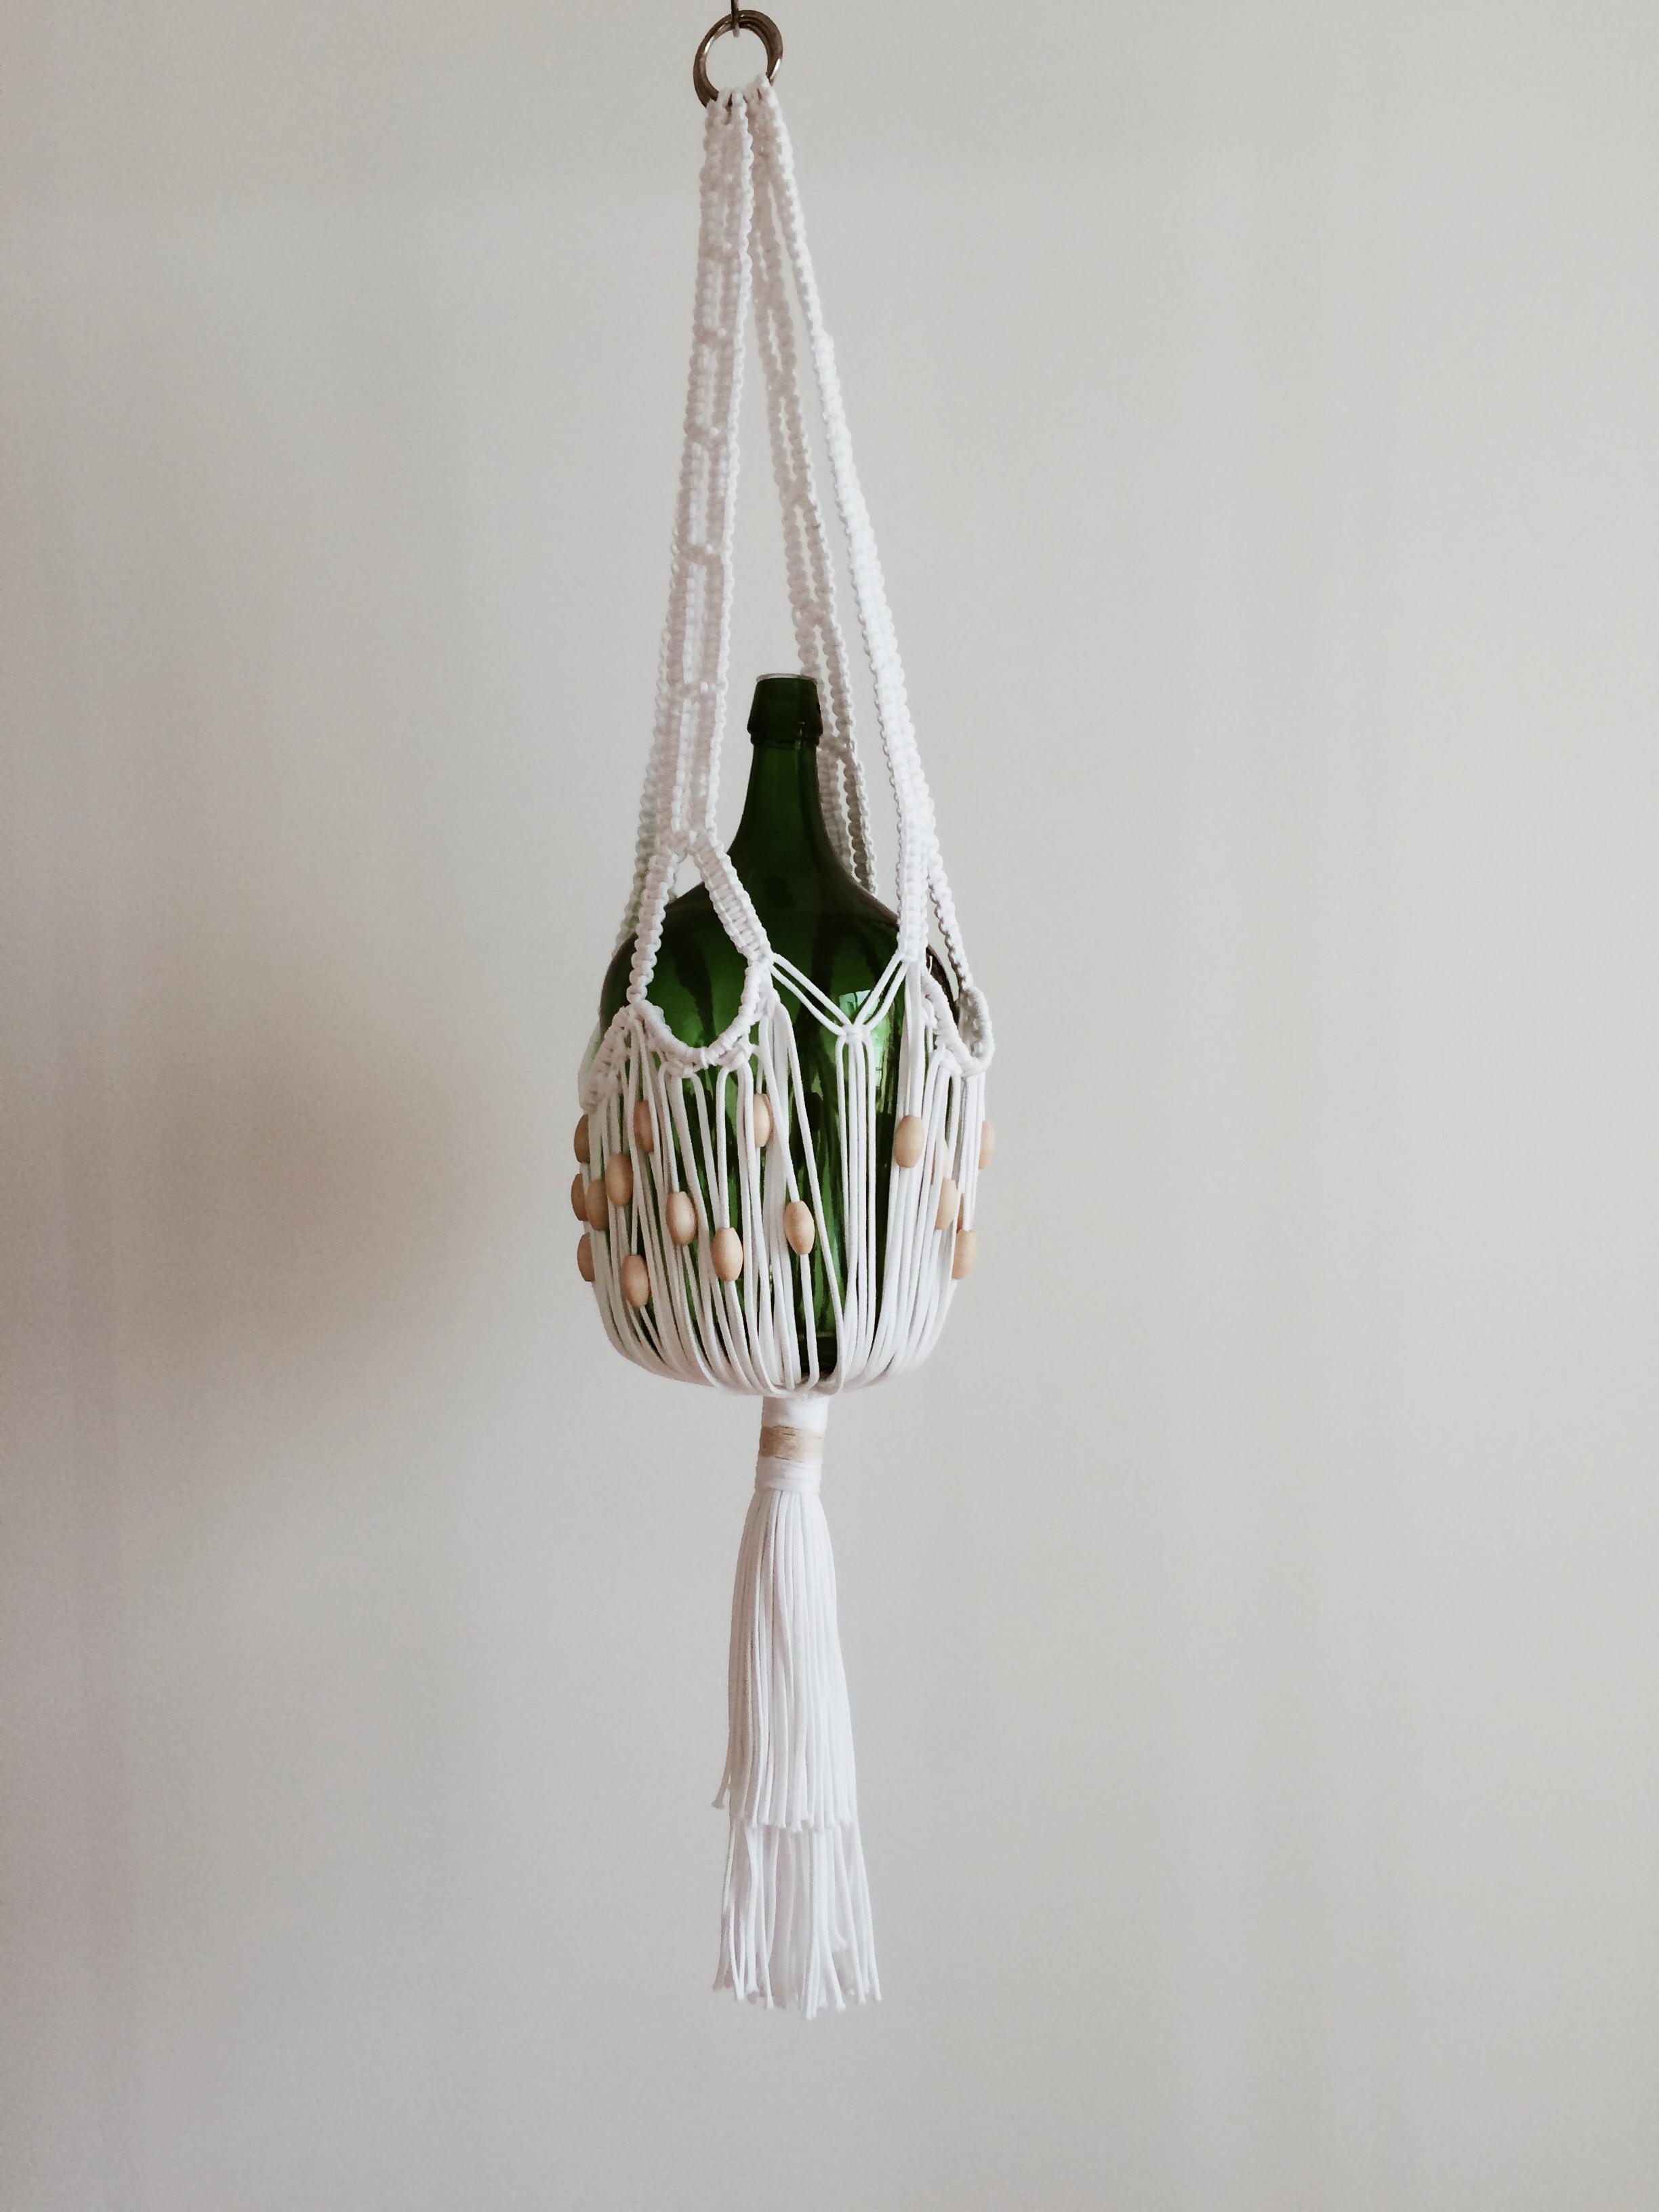 Ophelia Handmade Design